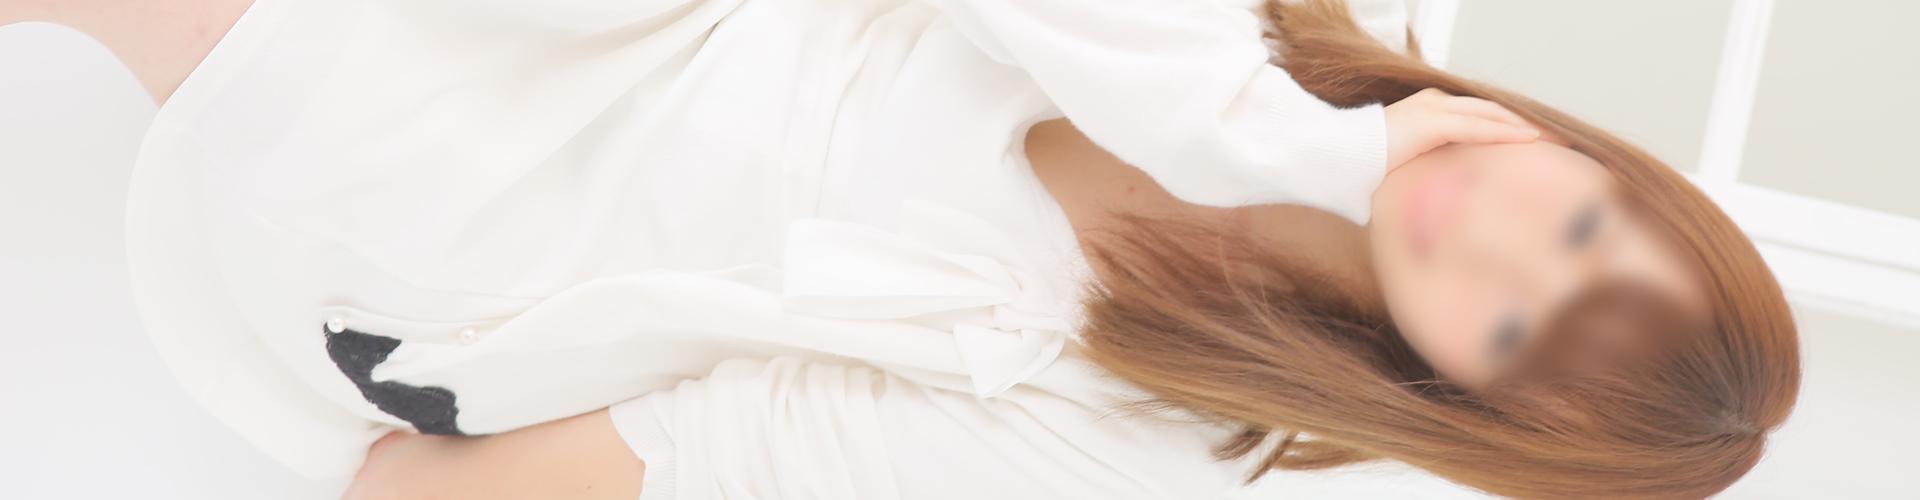 錦糸町デリヘル風俗|錦糸町 小岩 デリバリーヘルス【キャンパスサミット錦糸町店】モデルゆの写真